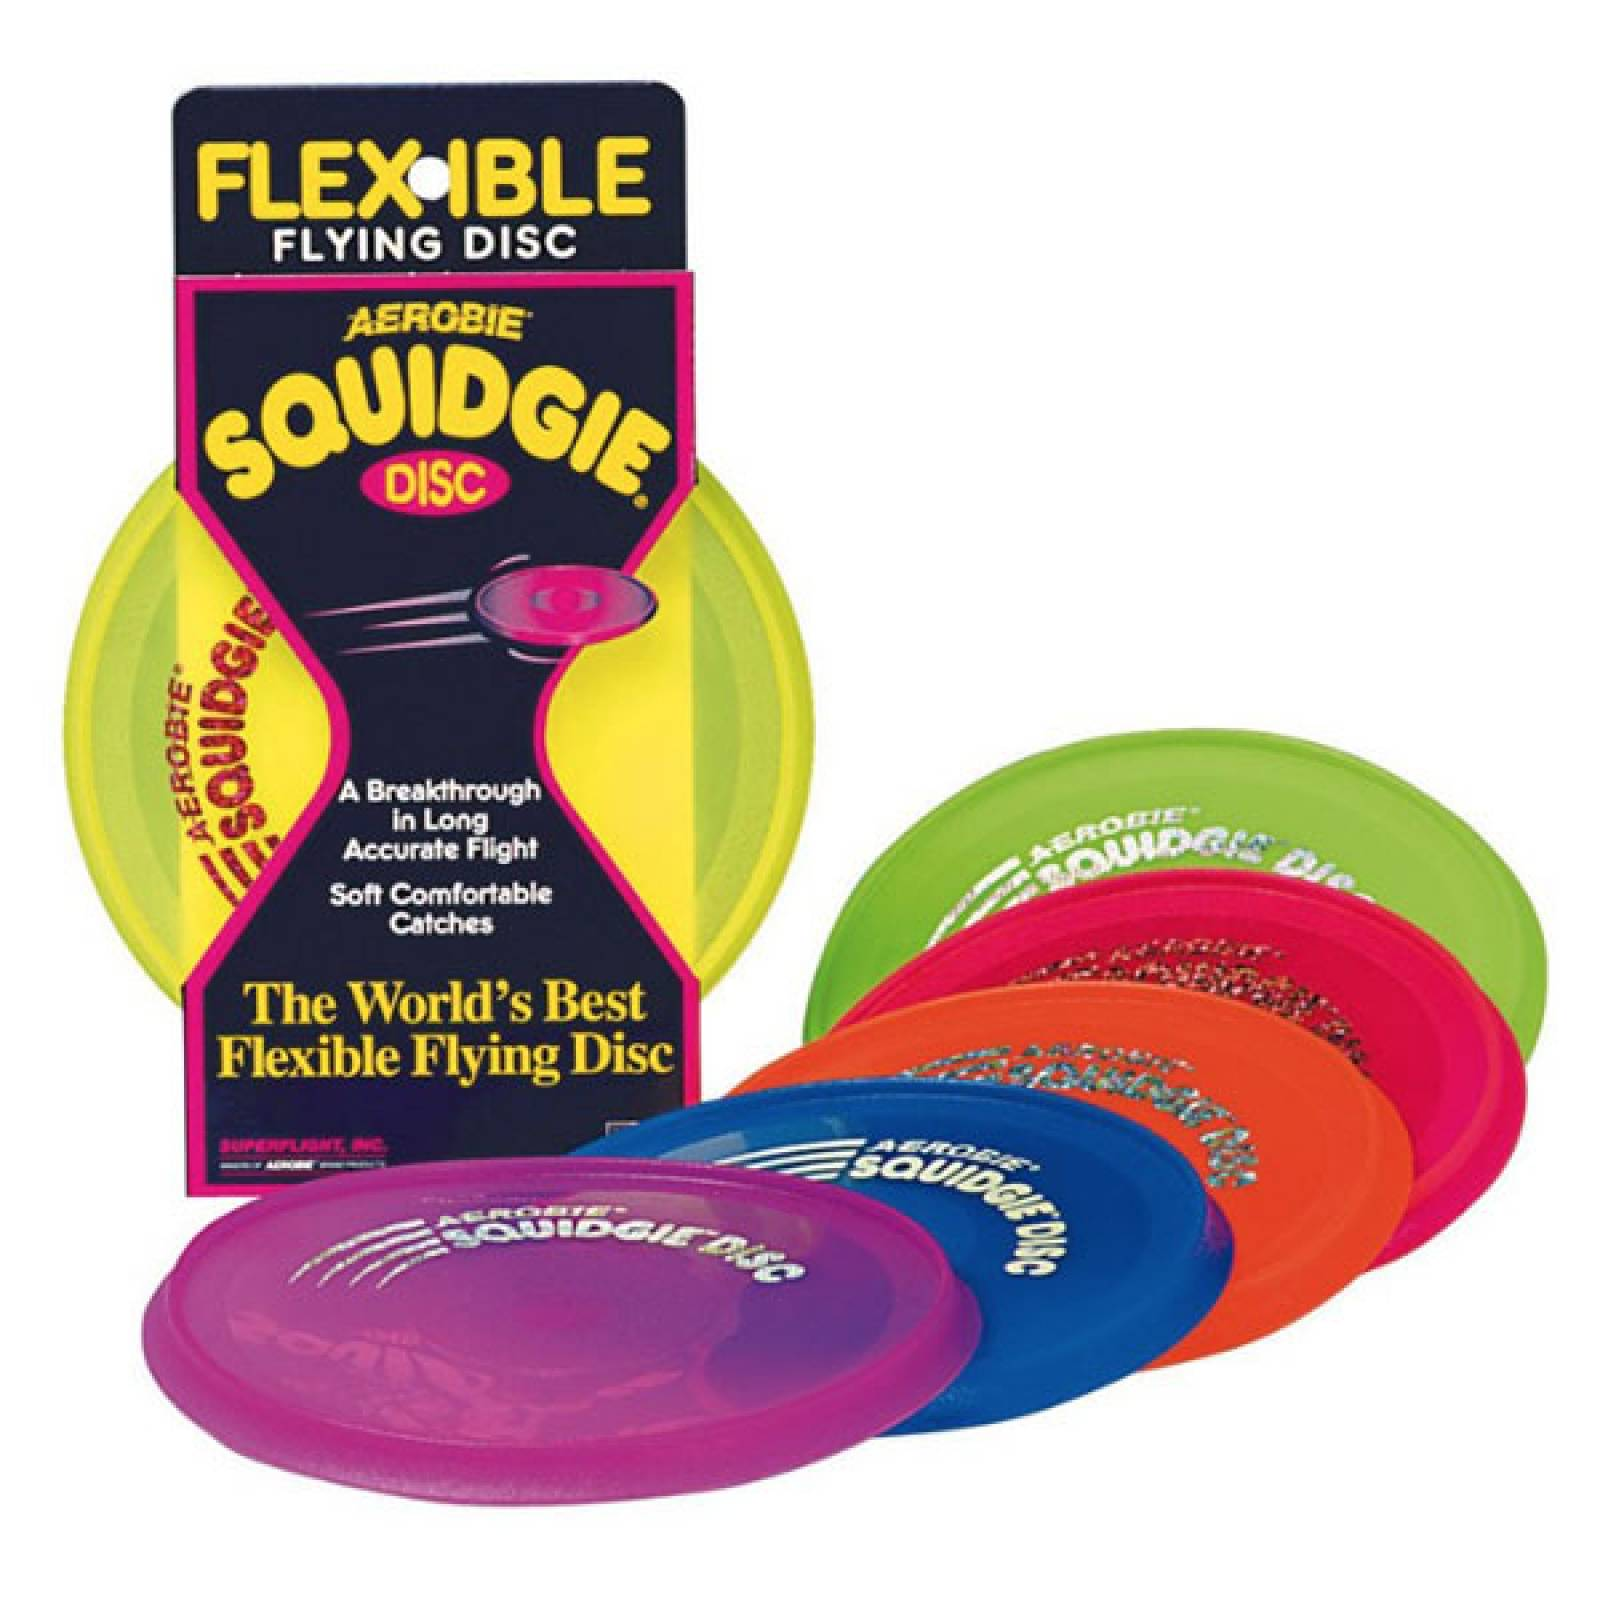 Aerobie Squidgie Disc